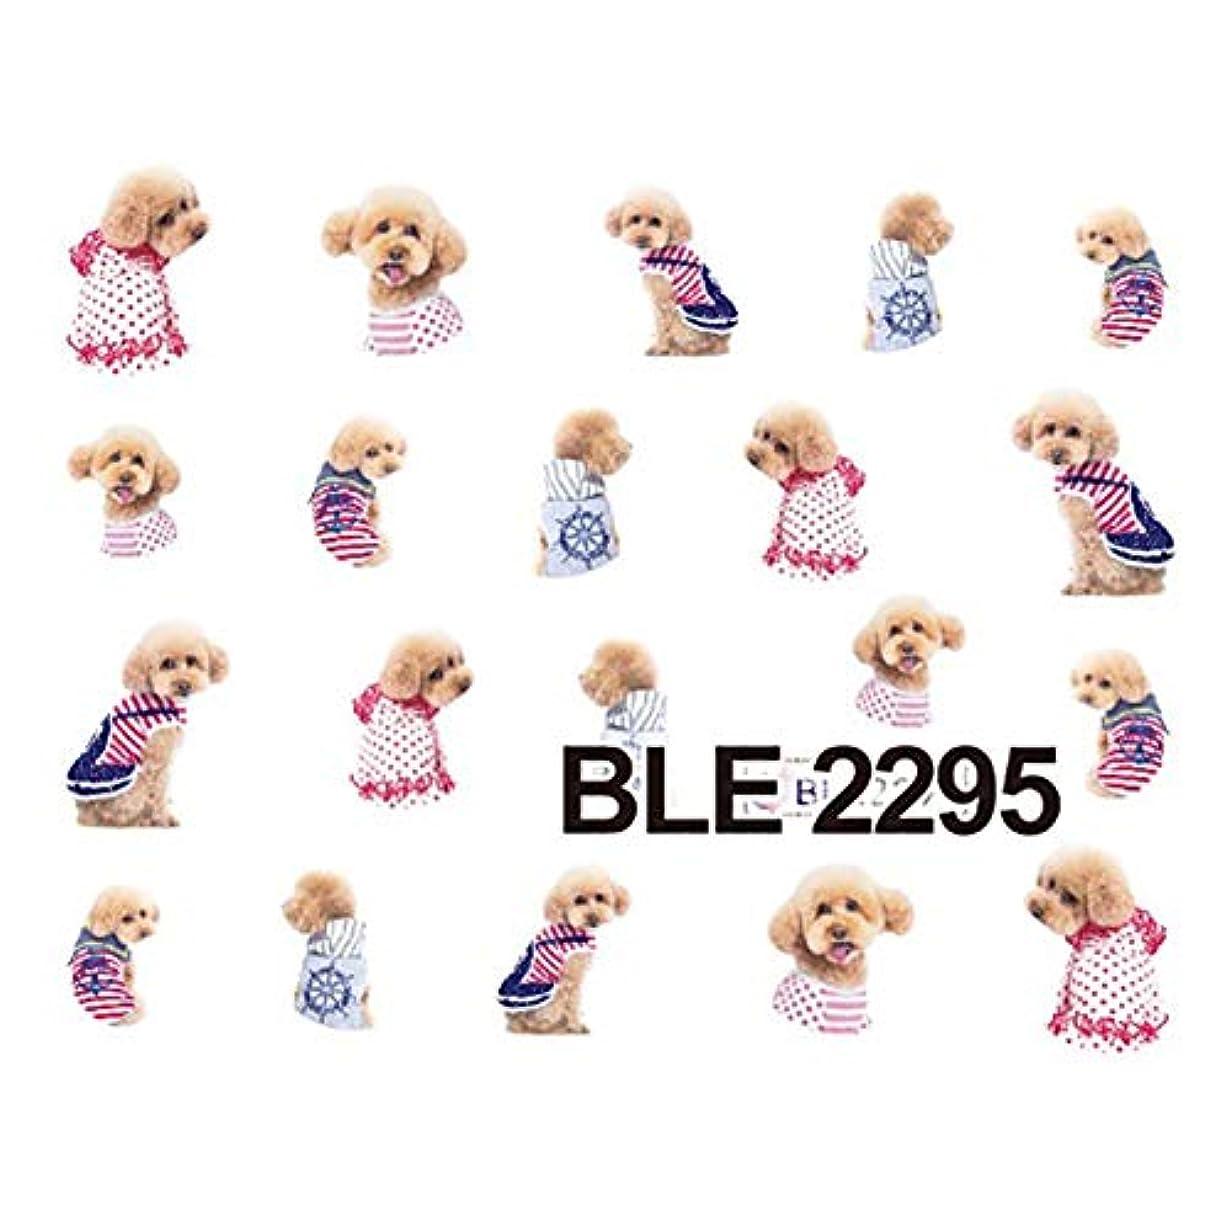 小麦粉物理的に不潔LITI ネイルシール ラブリー 犬 リアル いぬ かわいい 犬 コーギー ネイルアート 動物 アニマル 実写 転送ネイルアートステッカー 異なるスタイル 動物犬 マニキュアペディキュアステッカー